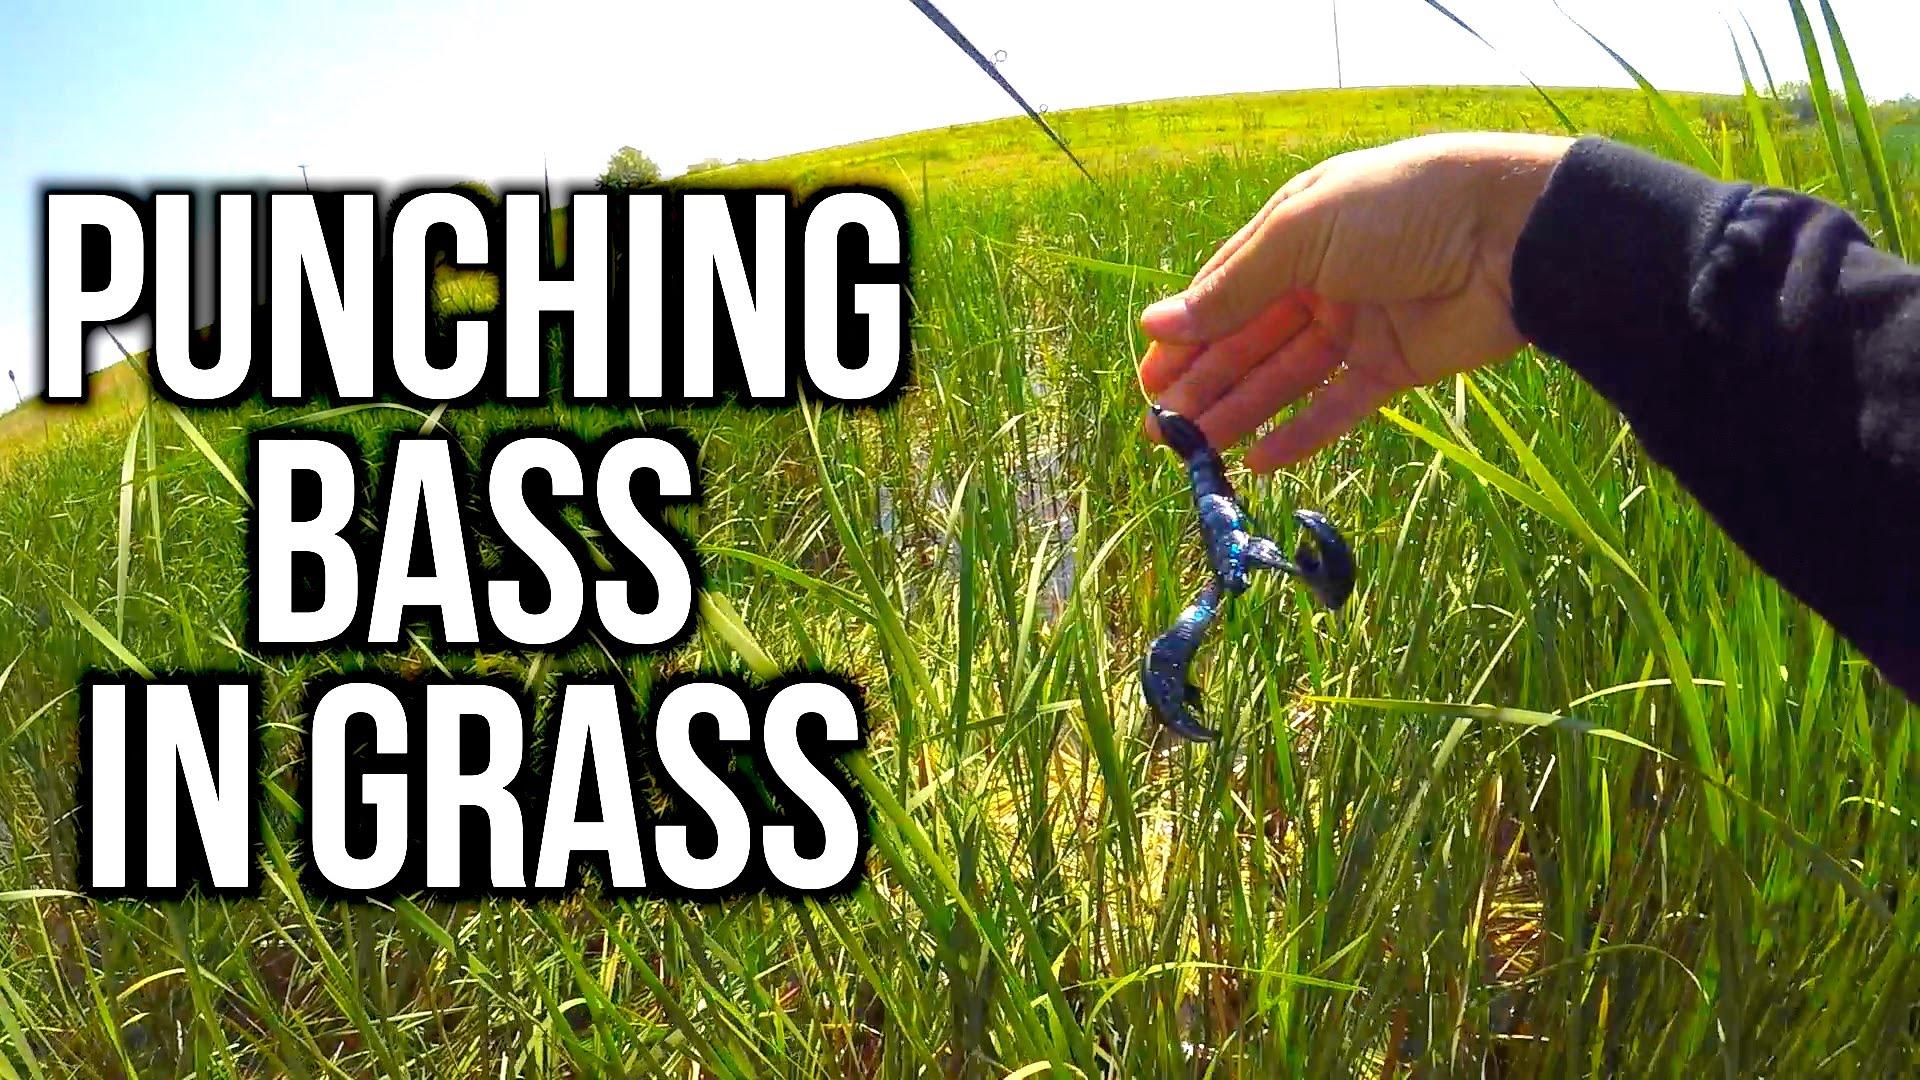 Flair – PUNCHING for Bass in Nebraska?!?!